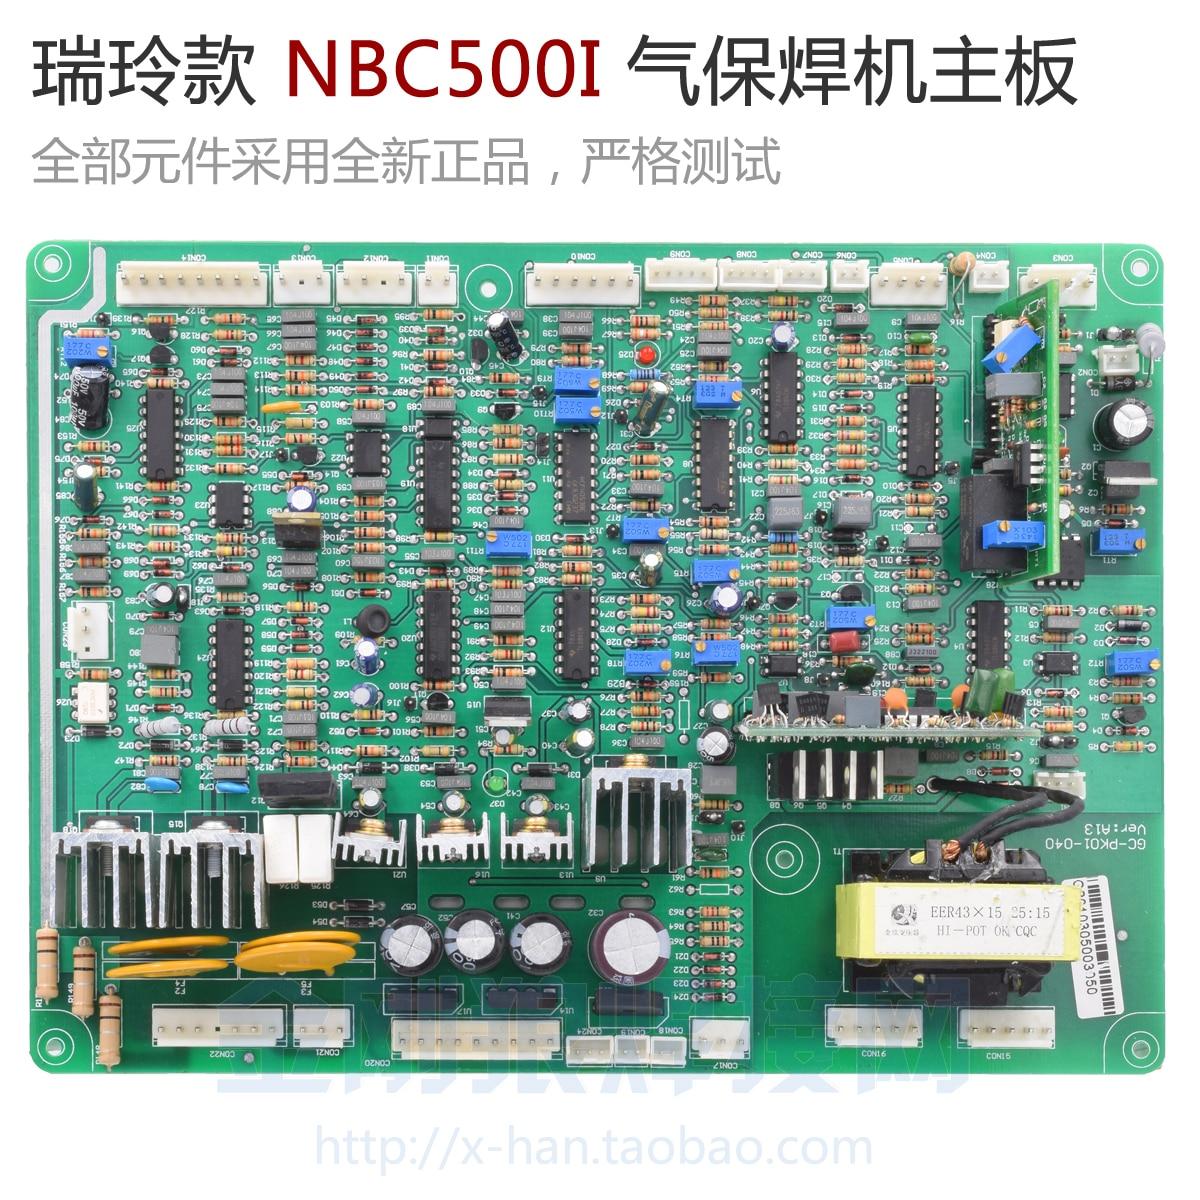 Ydt ruiling NBC 500 Je gaz de dioxyde de carbone blindé de soudage machine carte principale carte principale 2nd lien de soudage circuit conseil